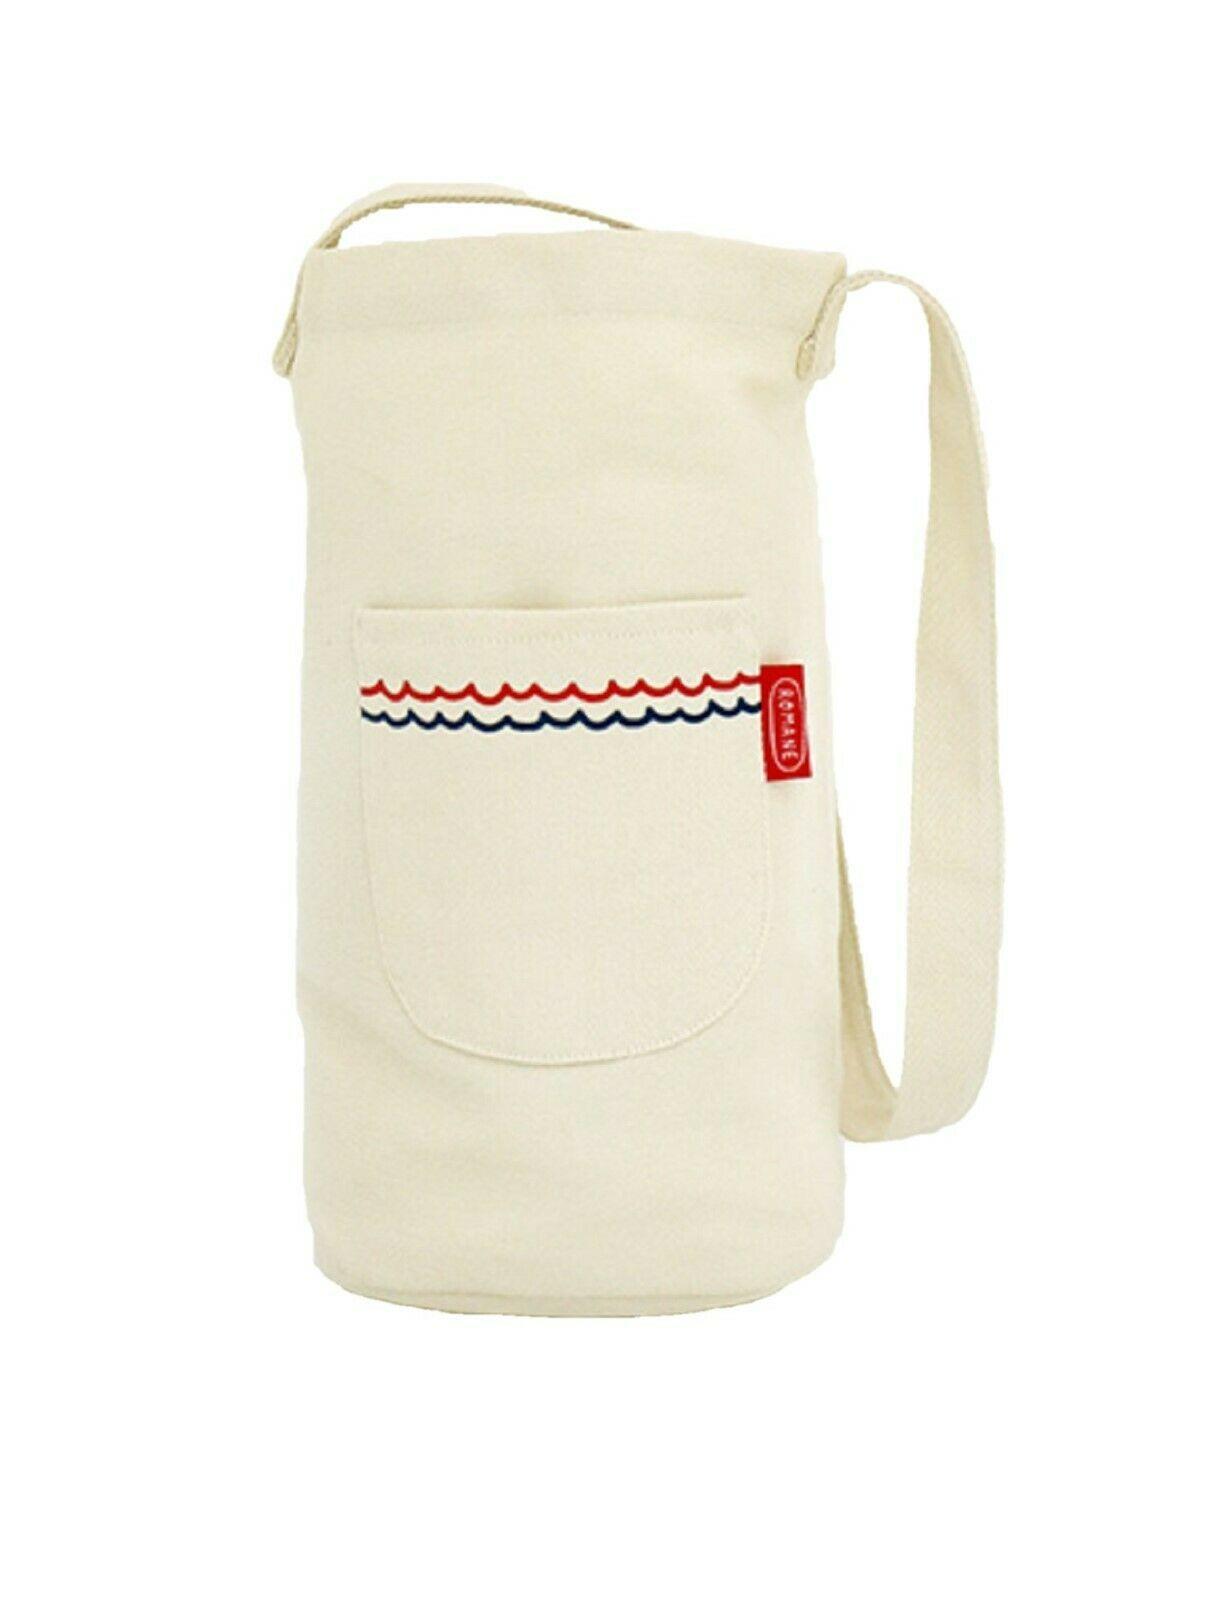 Romane Baguette Tote Bag Cotton Canvas Eco reusable Daily Shopper Bag (Ivory)